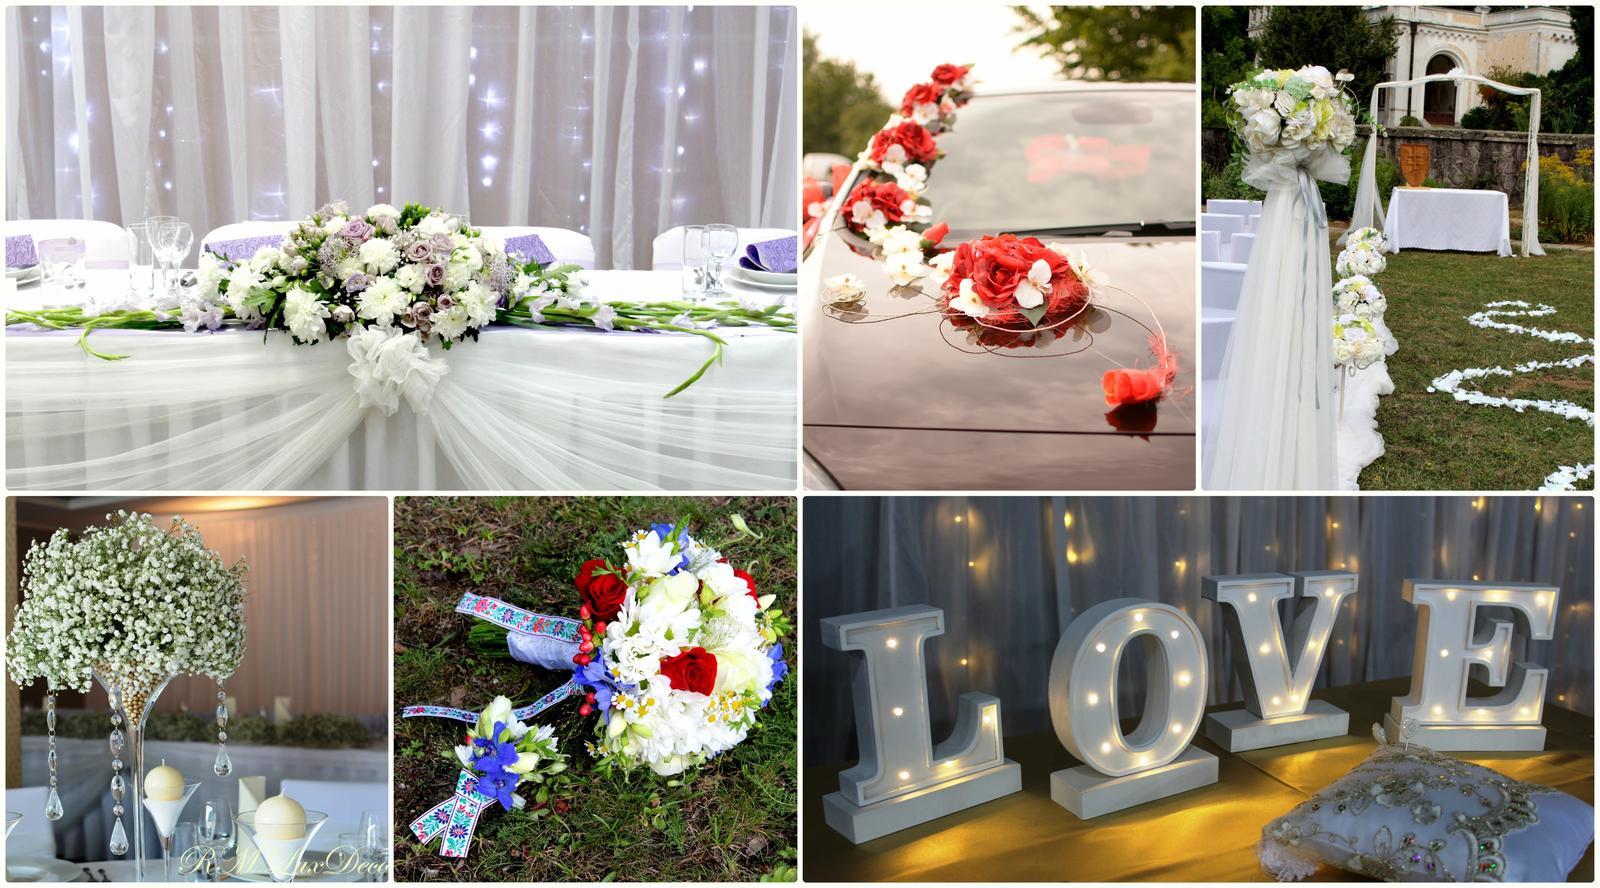 """Výzdoba na svadbu a iné príležitosti - """"Daj každému dňu šancu, aby sa stal najkrajším dňom tvojho života""""!"""" Užite si Váš deň naplno a celú starosť nechajte na nás. Aranžérsko-dekoračná agentúra LuxDecor Vám pripraví vysnívanú svadbu ❤️"""